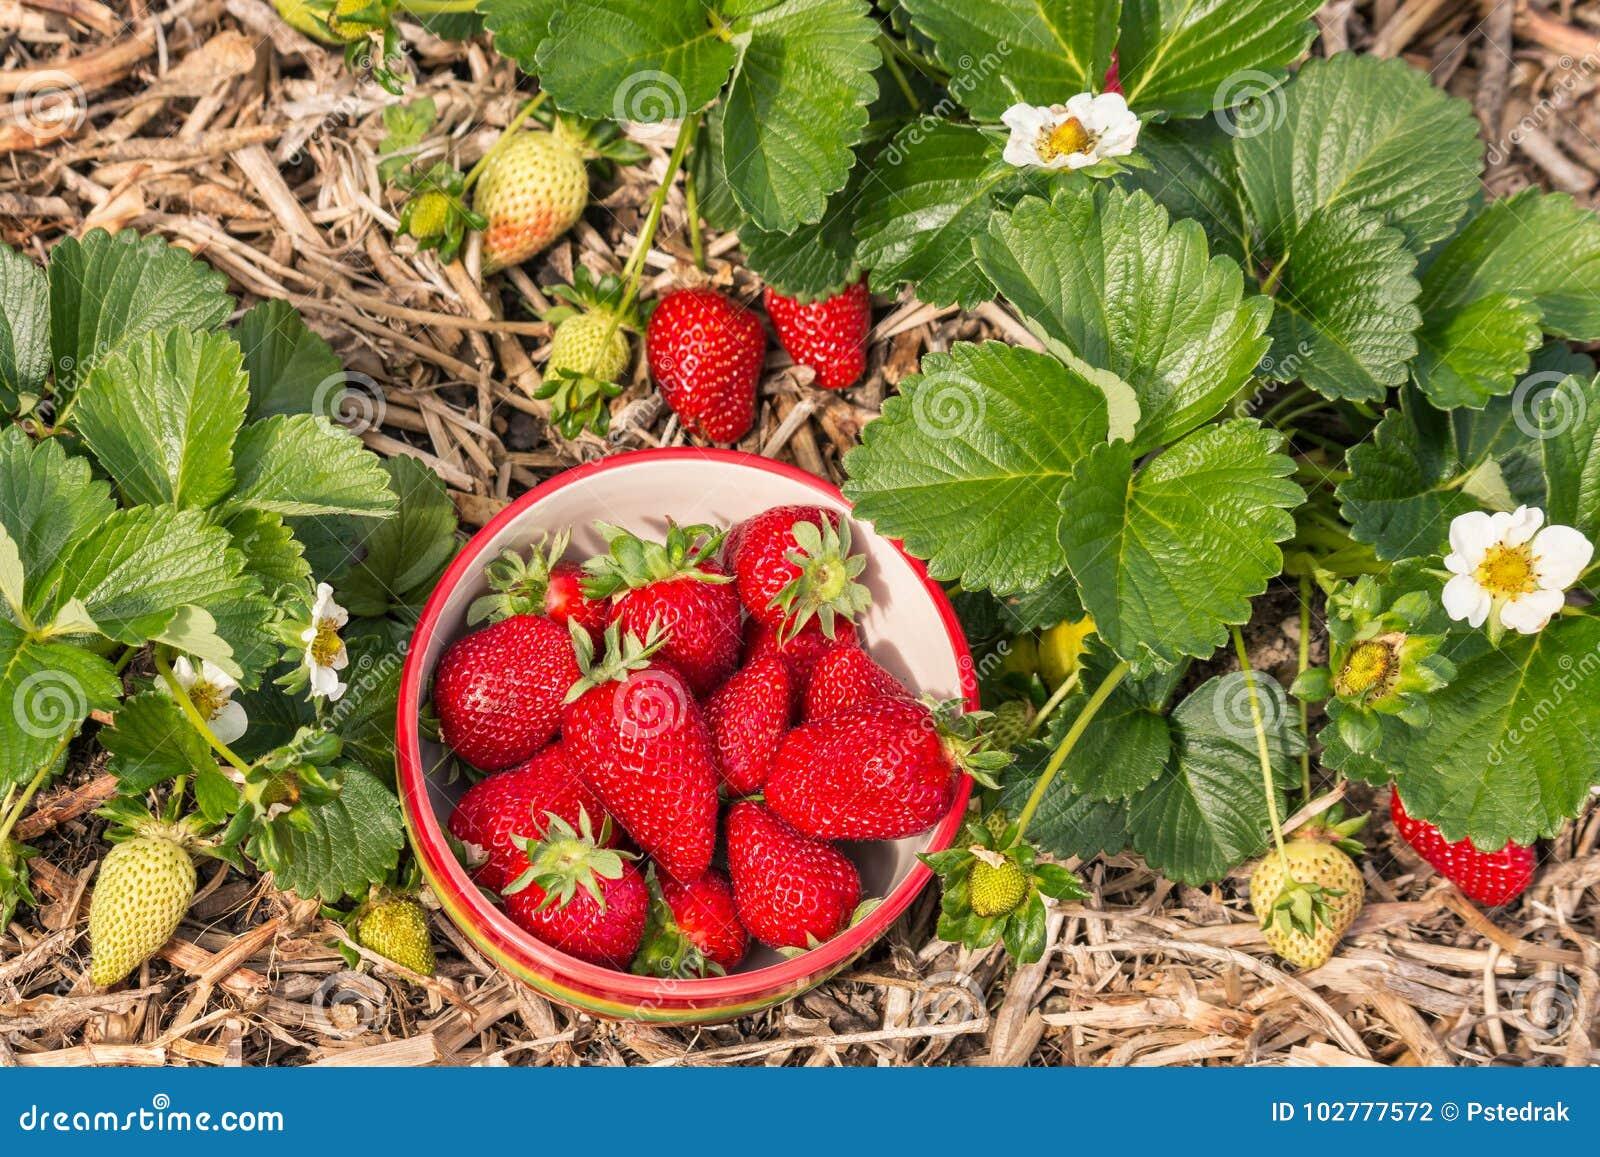 Truskawkowe rośliny z pucharem świeżo ukradzione truskawki